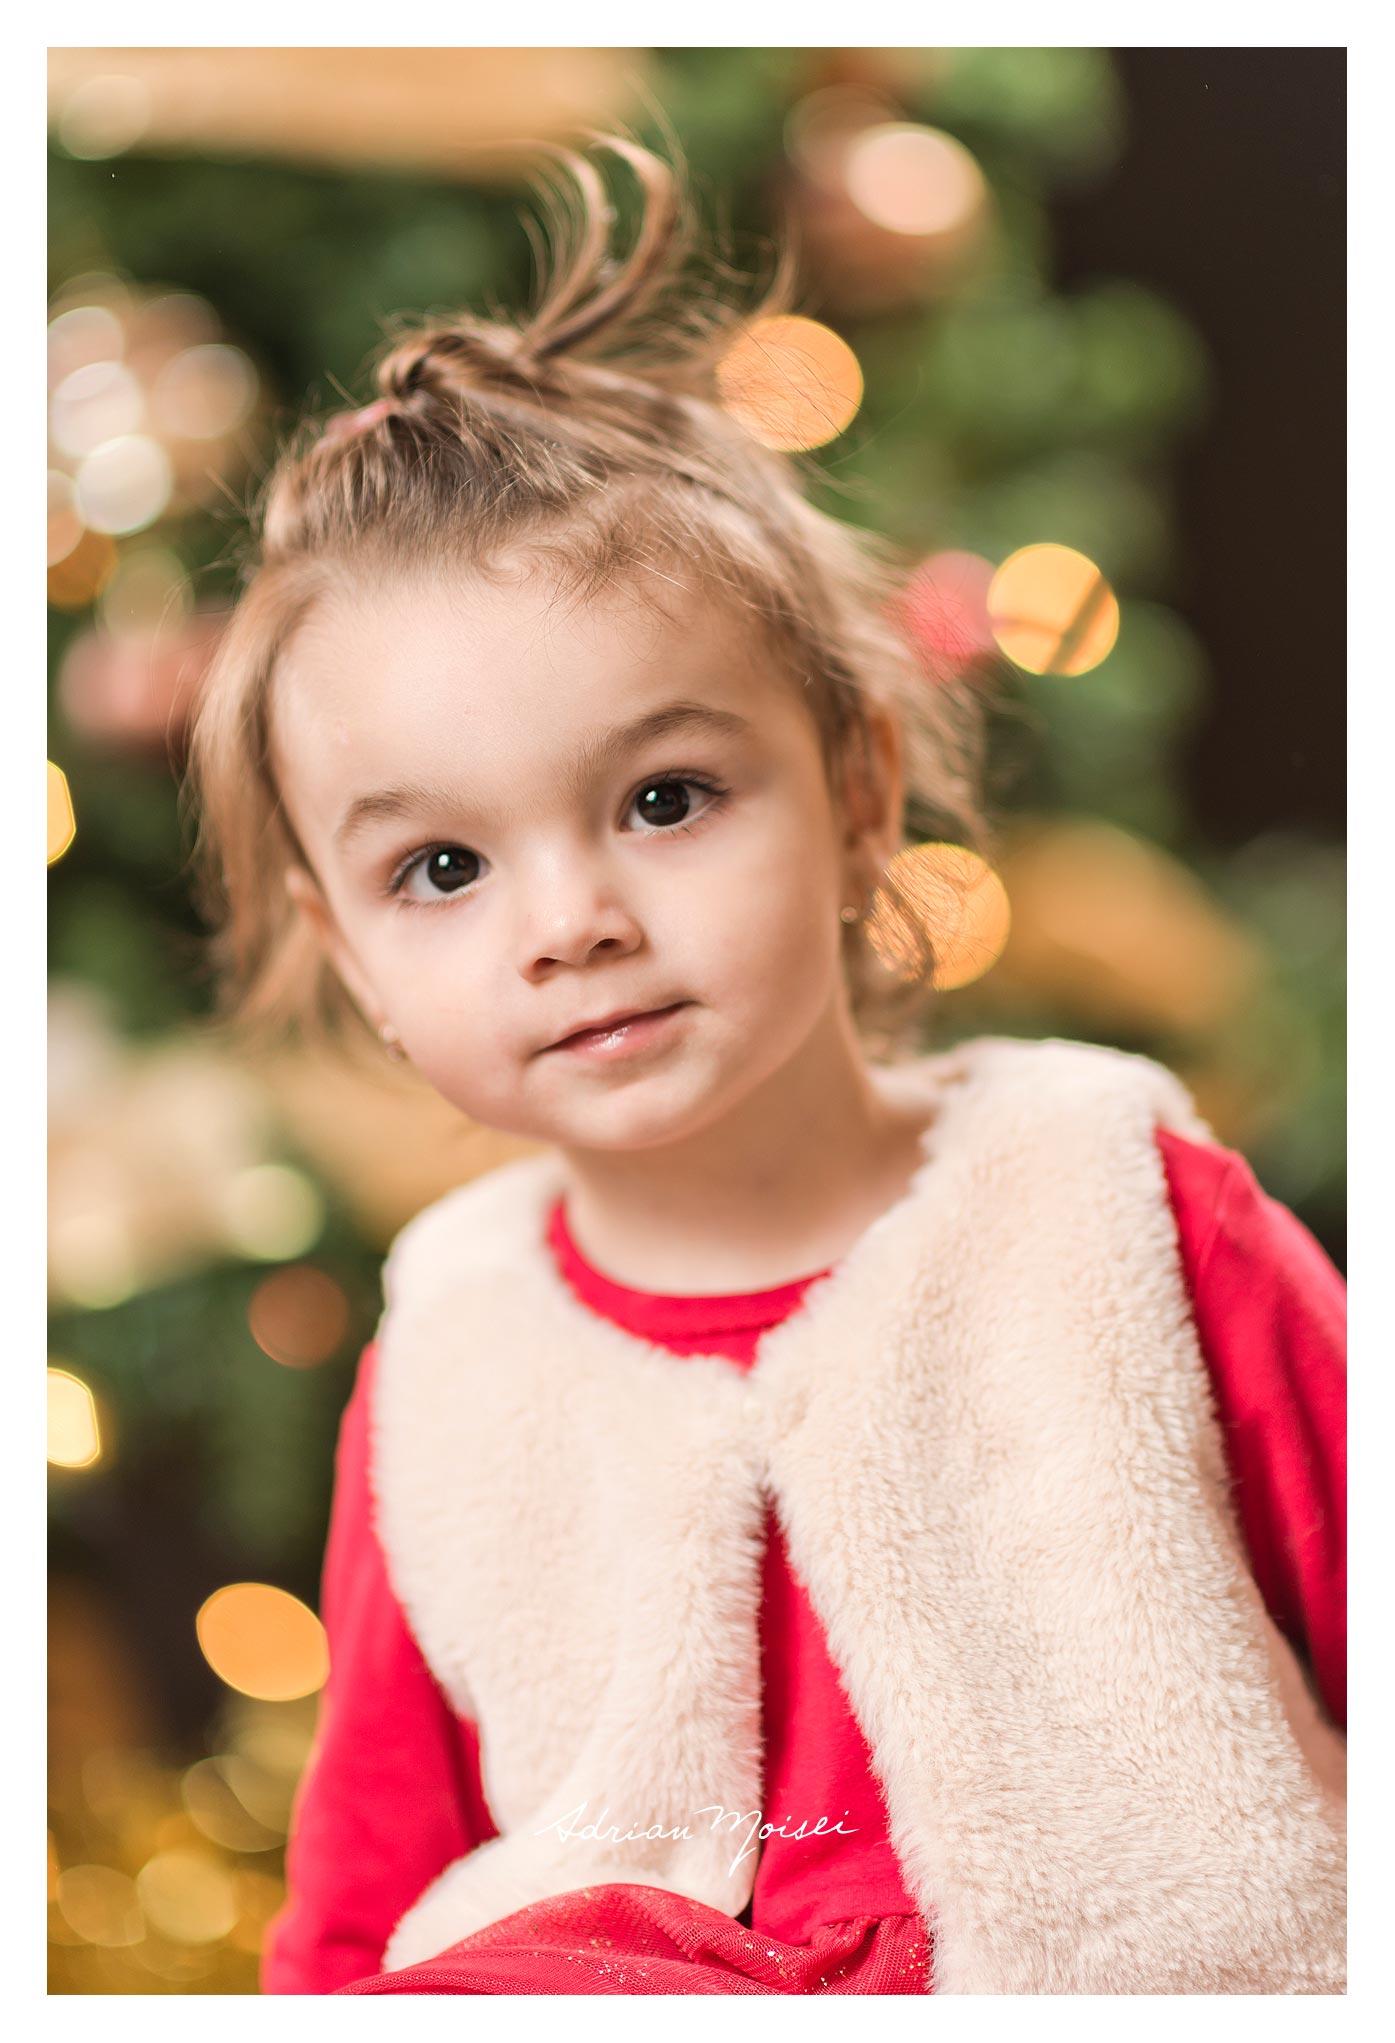 La doi anișori, de Crăciun, fotografie de familie, Adrian Moisei fotograf